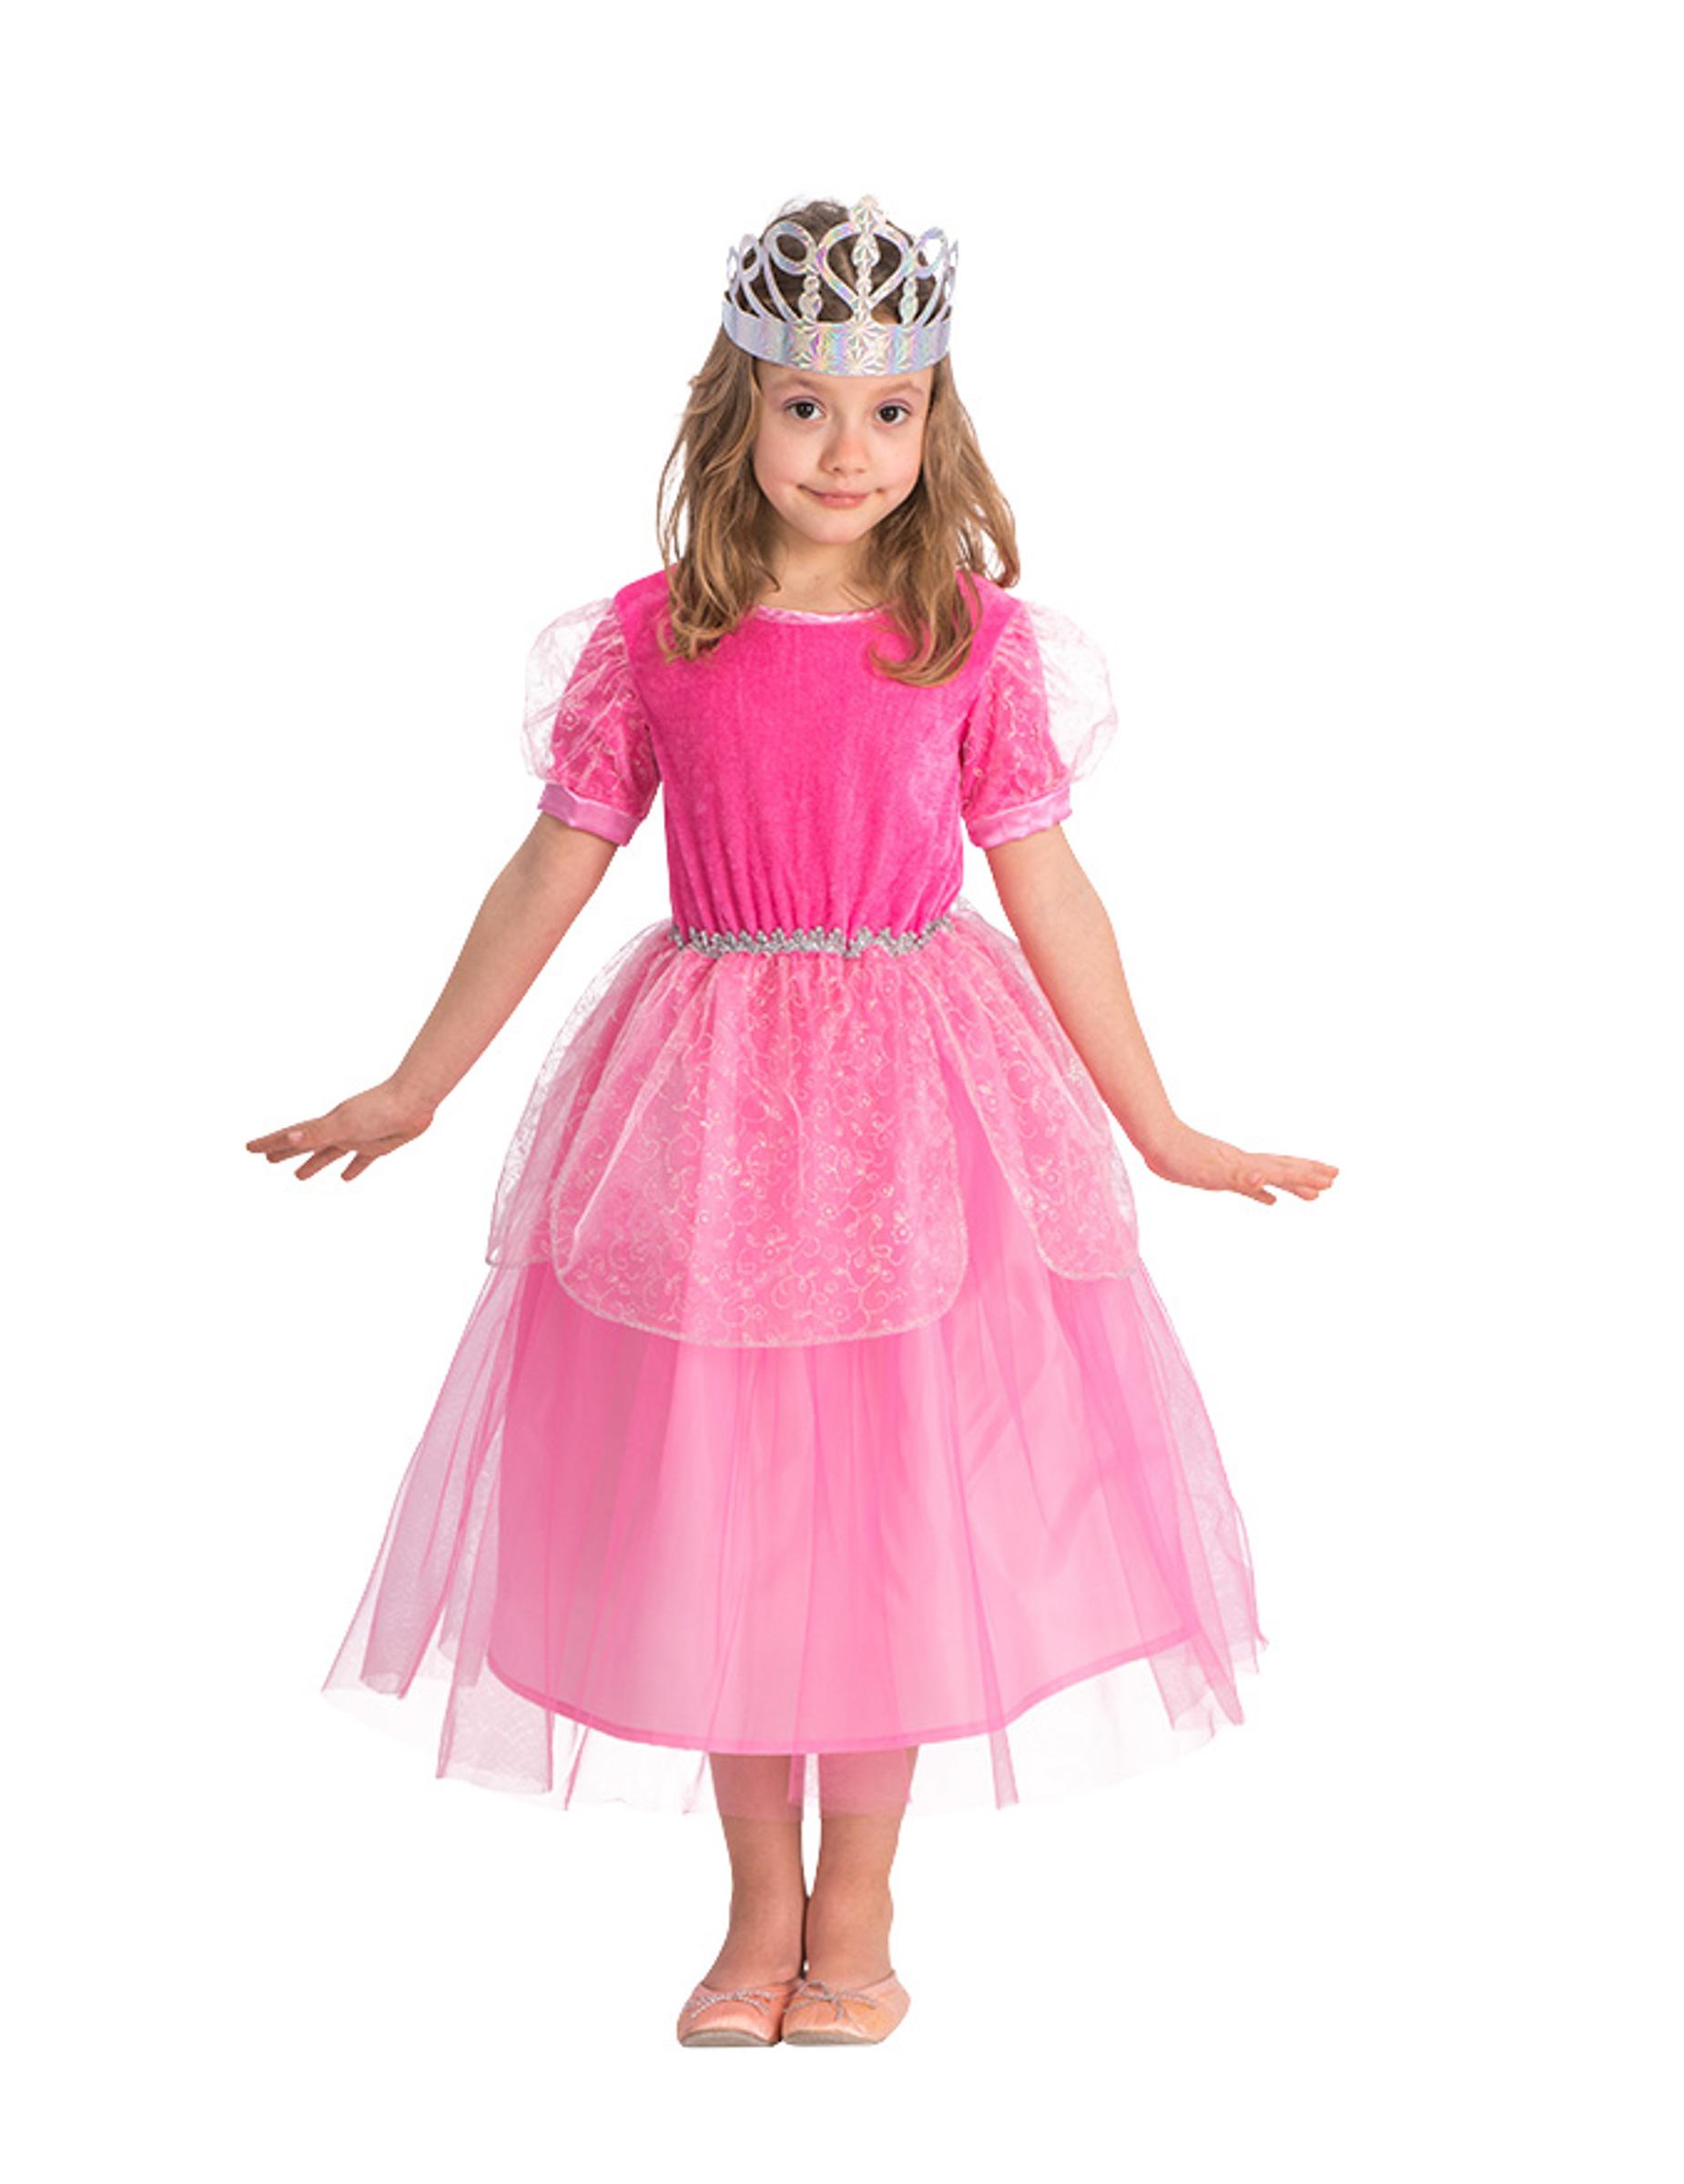 prinzessin kinder-kostüm rosa-pink: kostüme für kinder,und